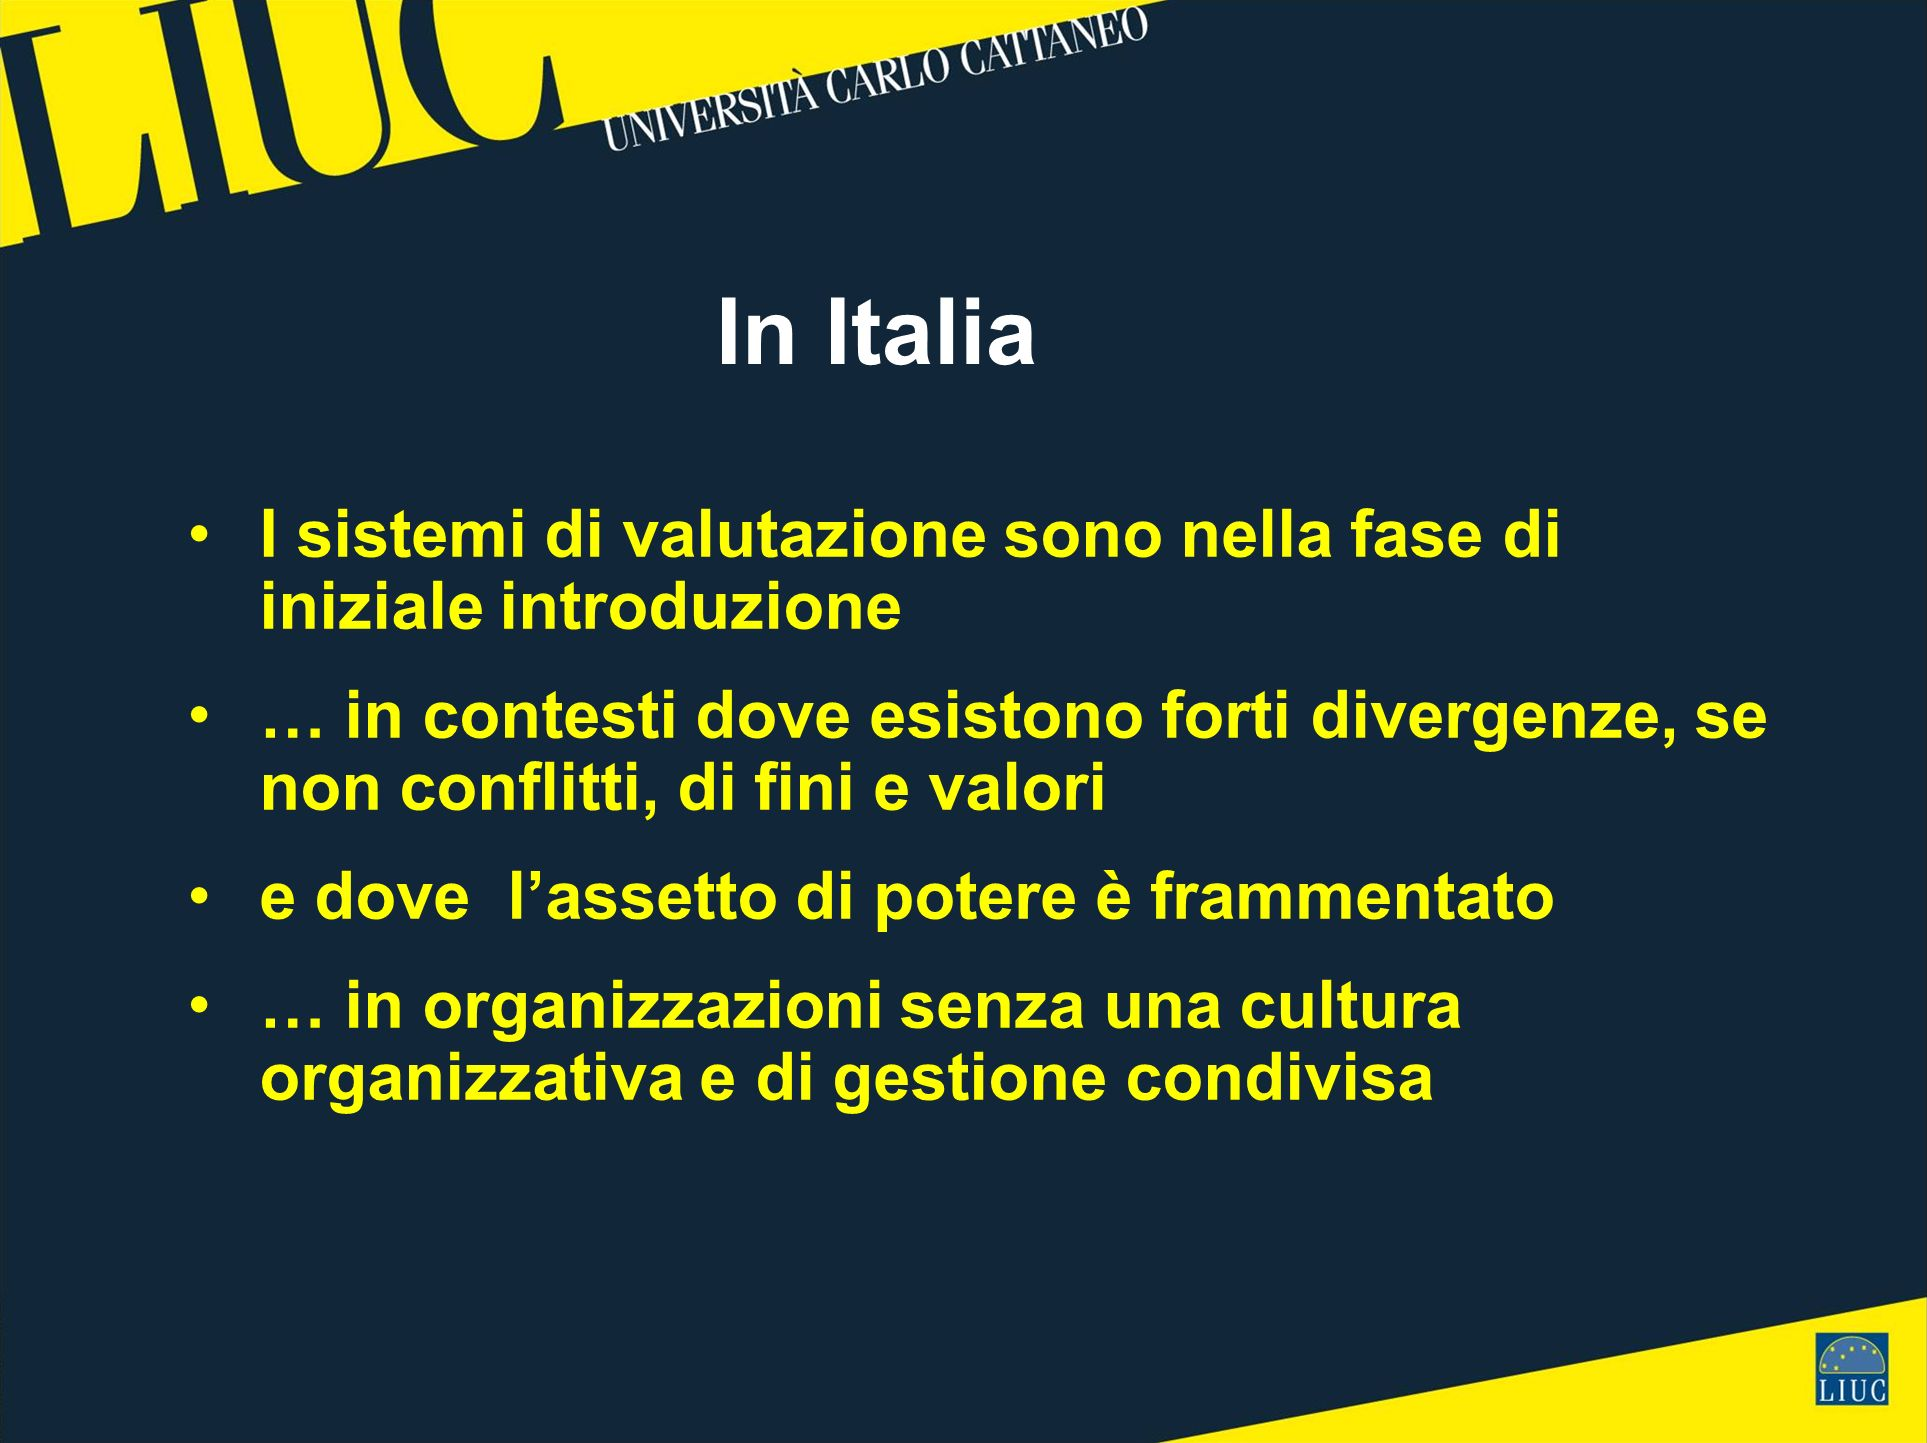 In Italia I sistemi di valutazione sono nella fase di iniziale introduzione … in contesti dove esistono forti divergenze, se non conflitti, di fini e